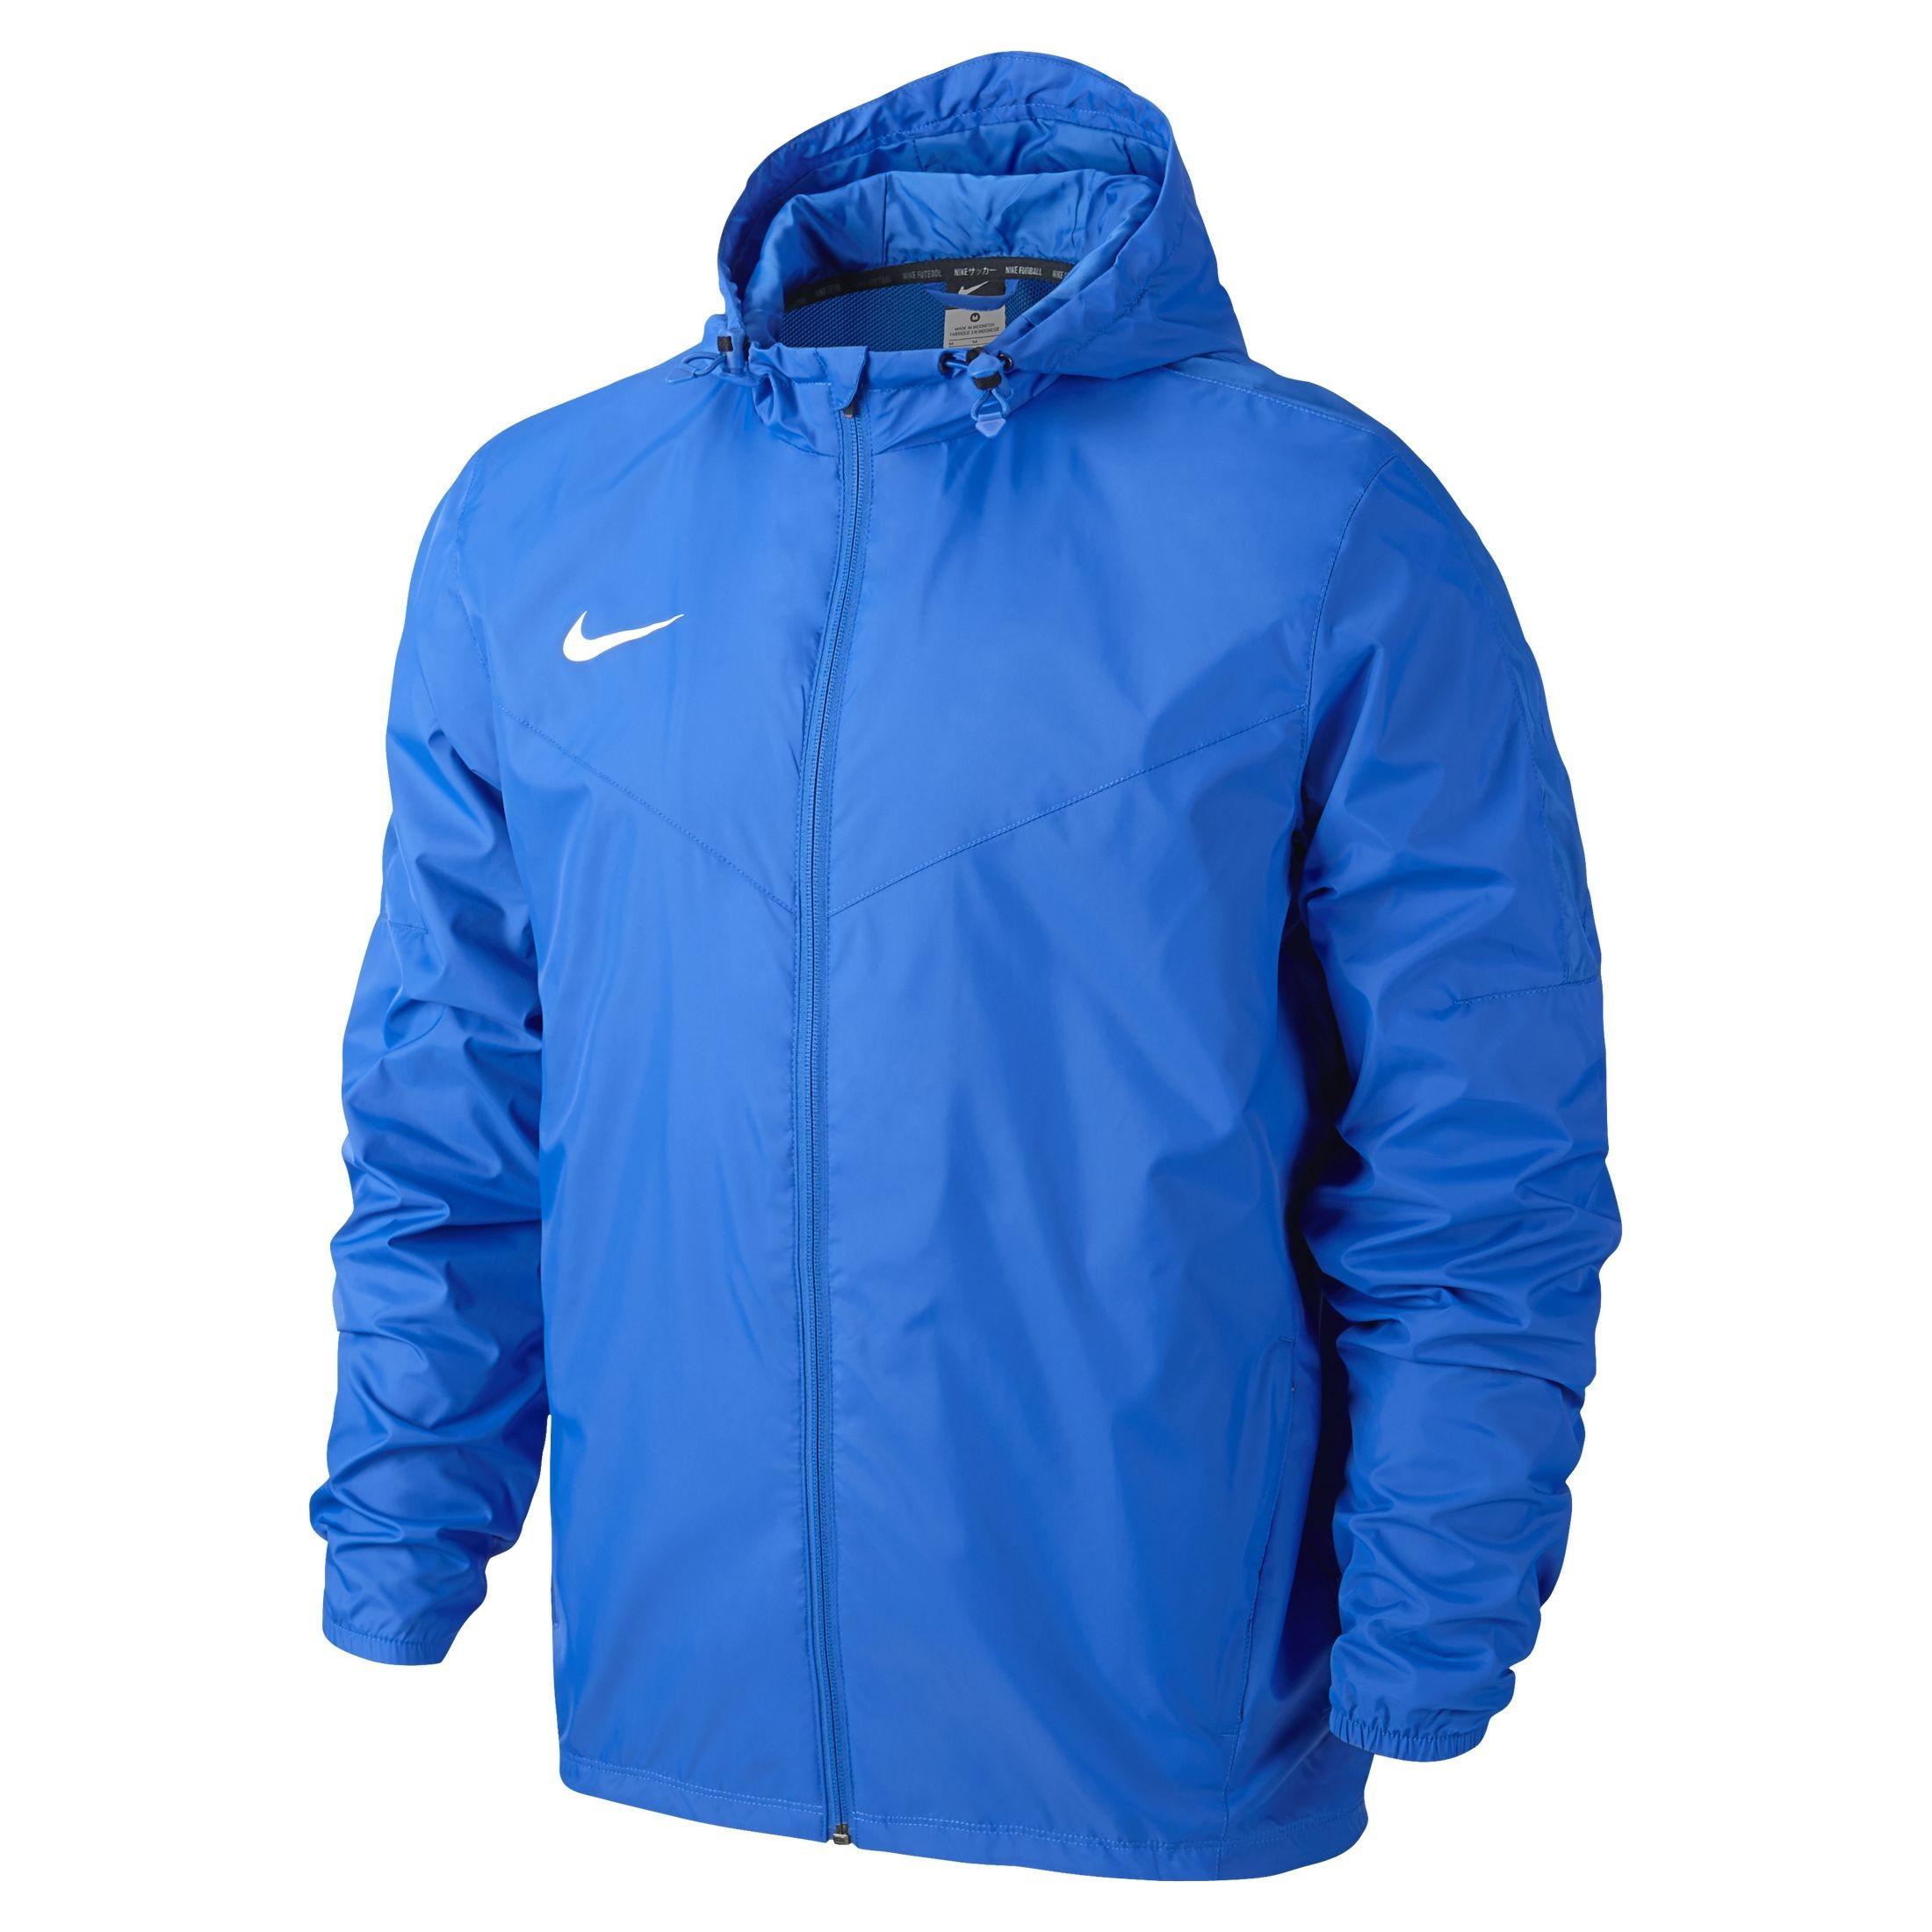 Je veux trouver des vêtements de sports fitness running de qualité et pas  cher ICI Veste nike bleu d2e9824c5b12